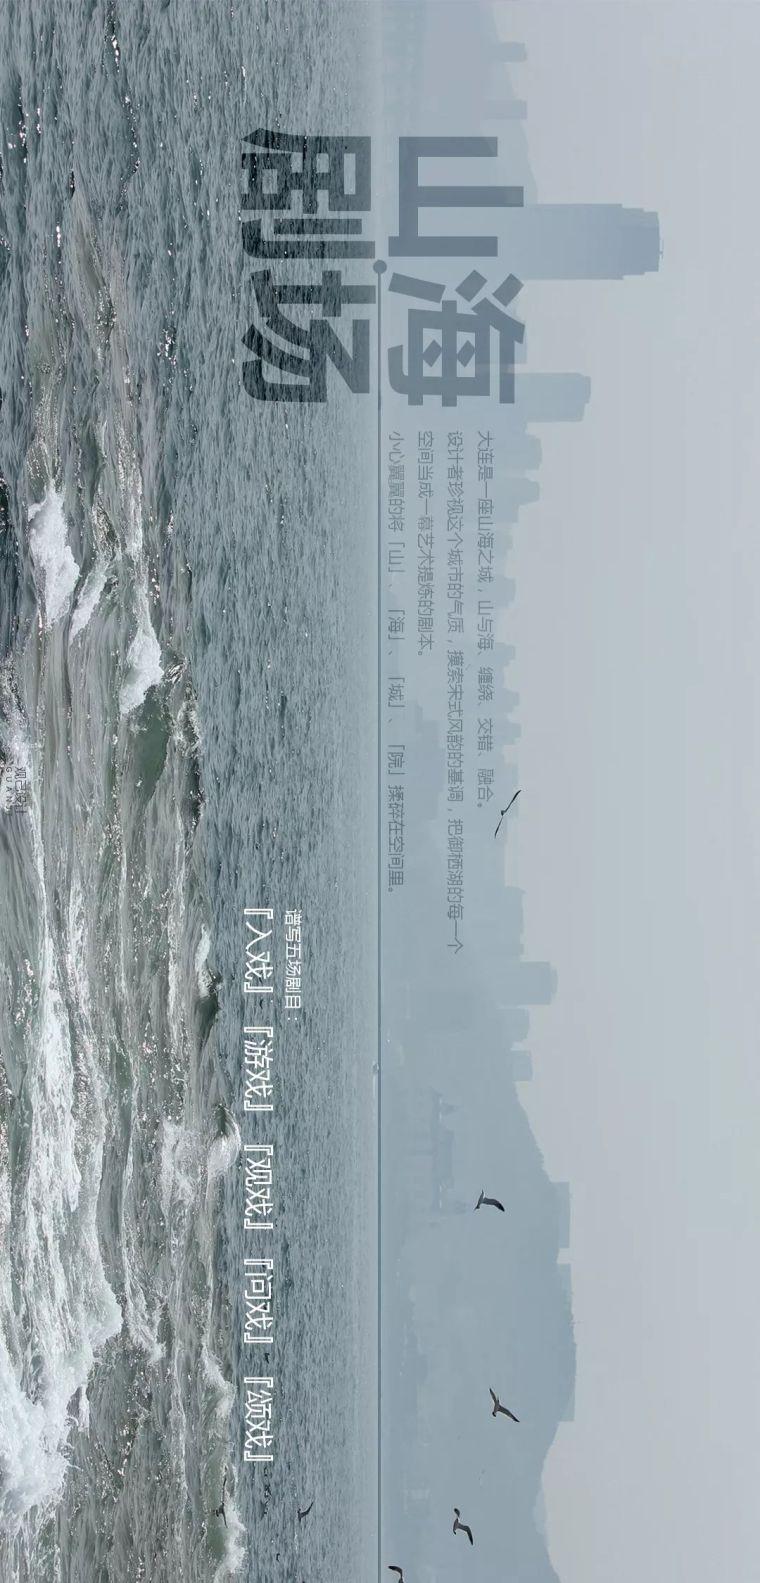 宋式园林,山海剧场|融创&新希望·御栖湖_3